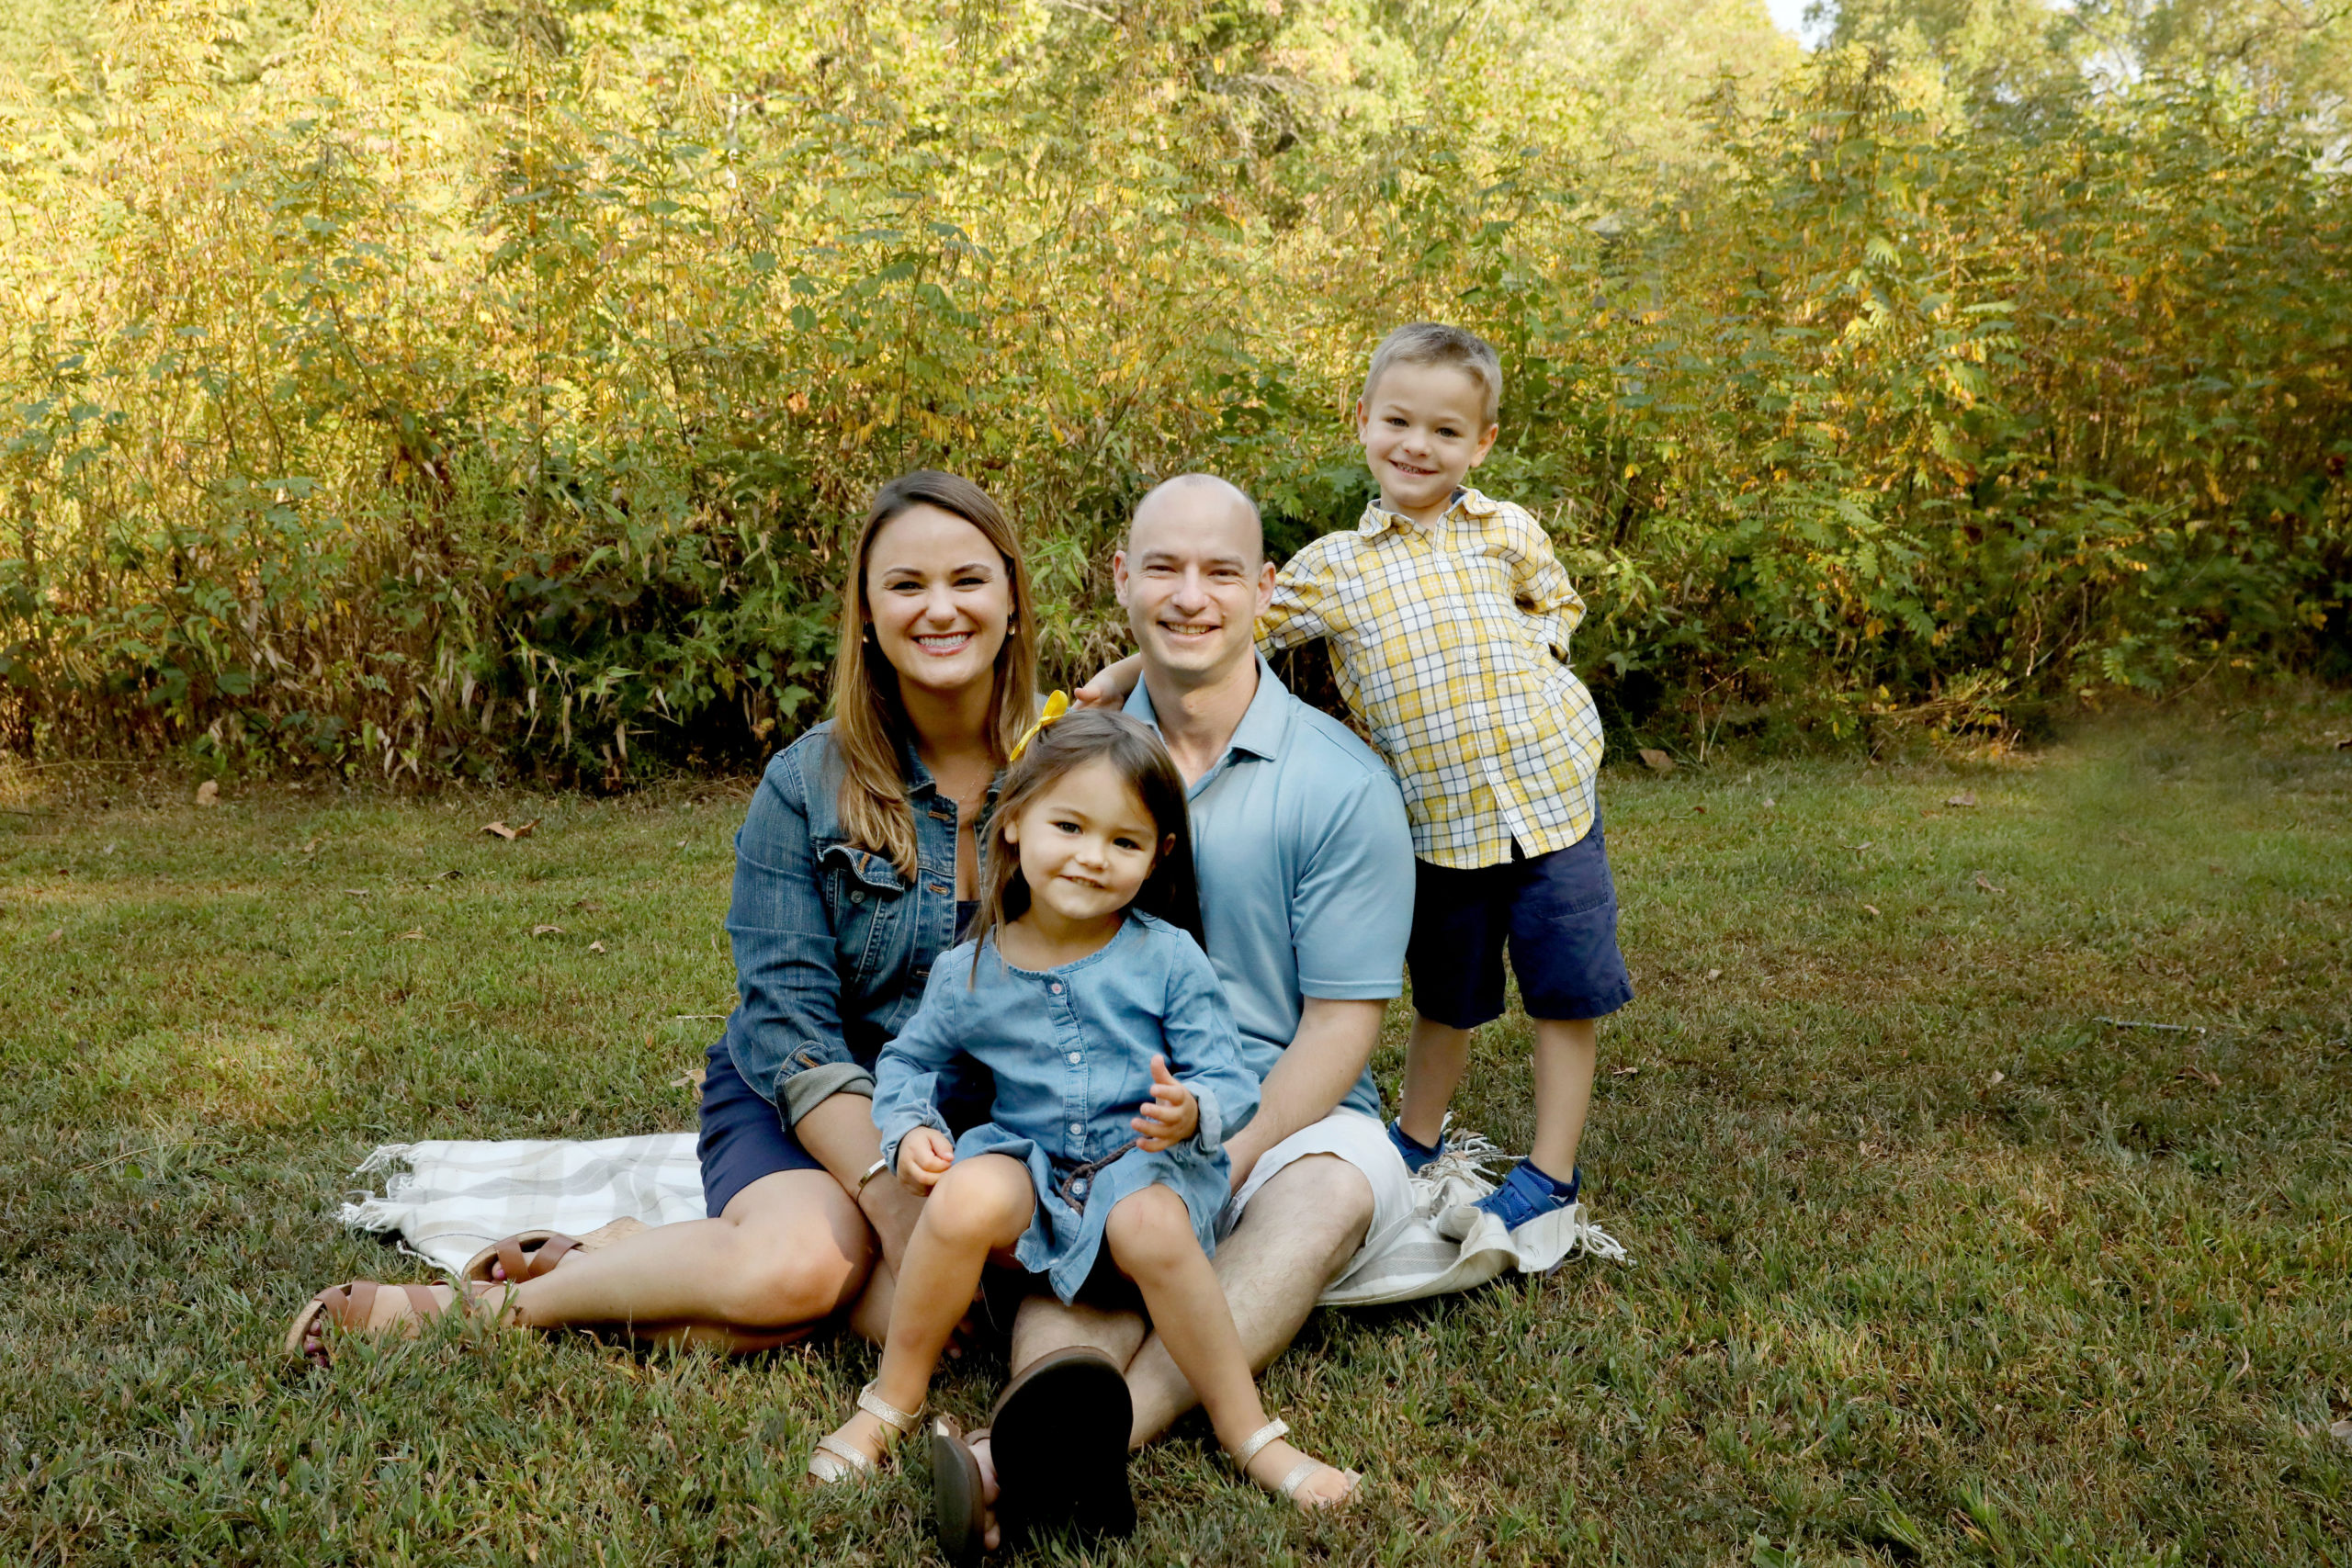 Bermingham family